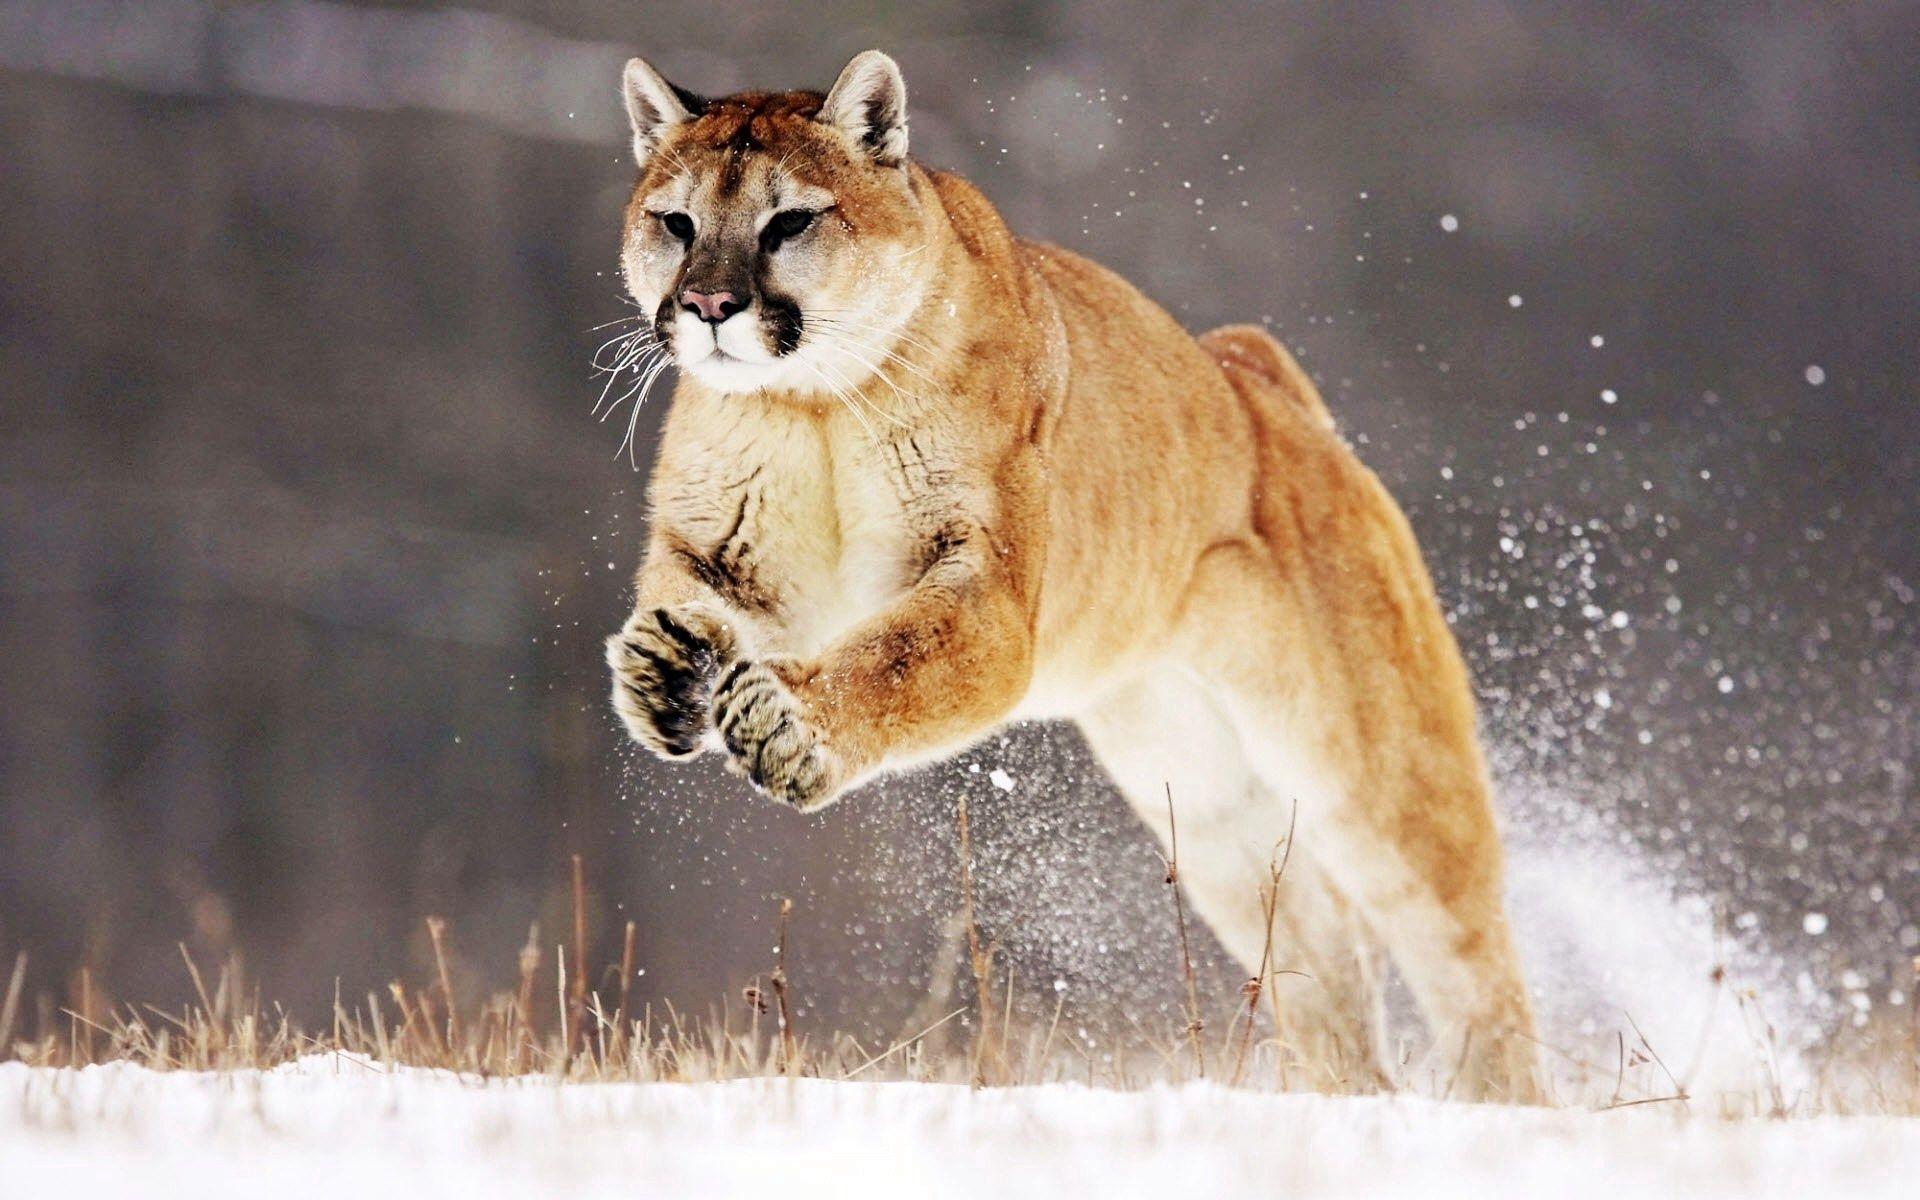 144920 скачать обои Животные, Пумы, Снег, Прыжок, Зима - заставки и картинки бесплатно